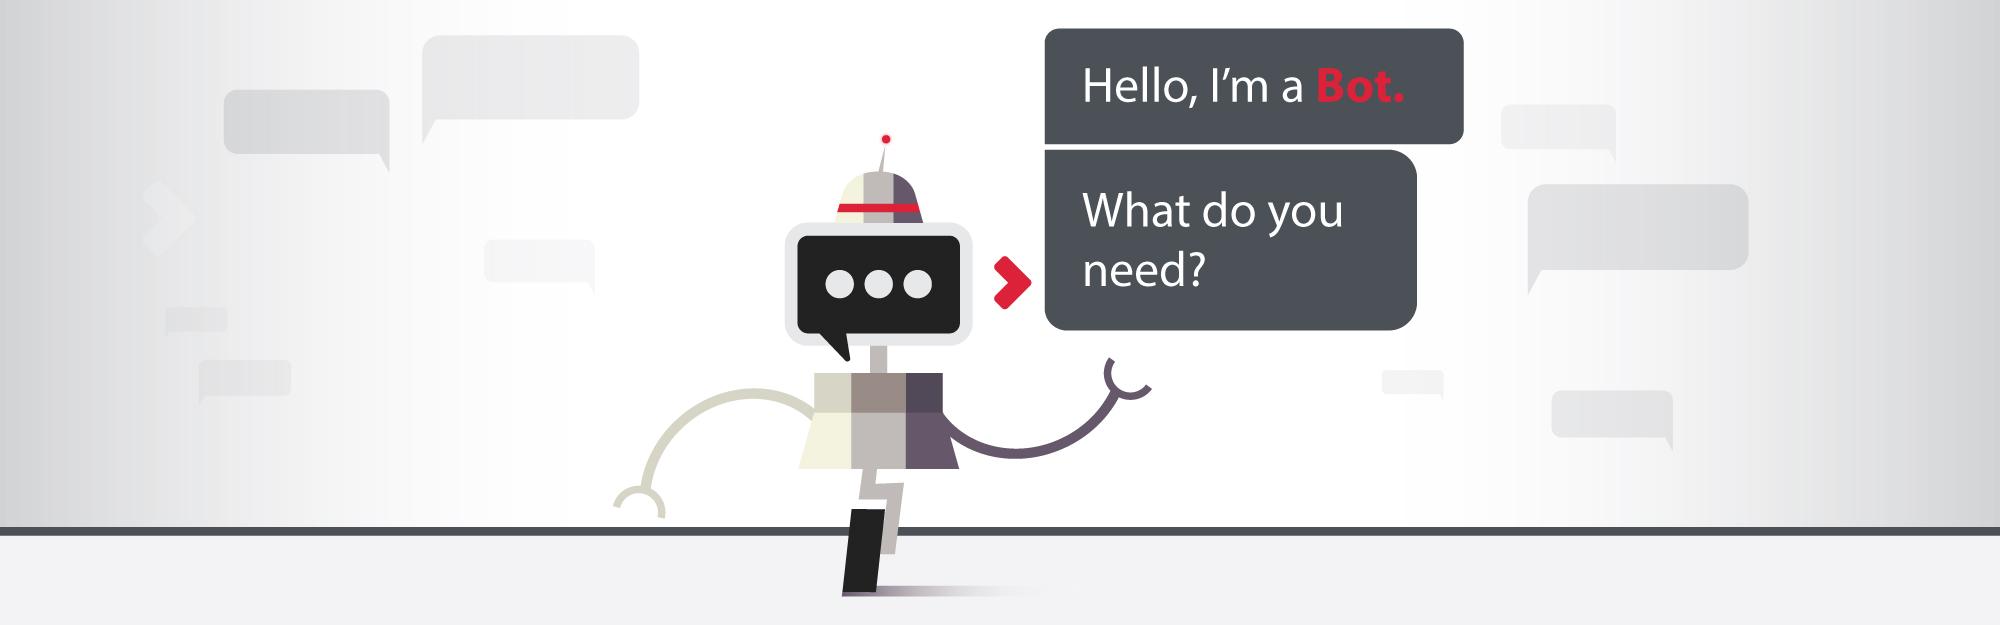 Bot per il business: esempi, concetti e best practice dei chatbot delle aziende in vari mercati [WHITEPAPER]